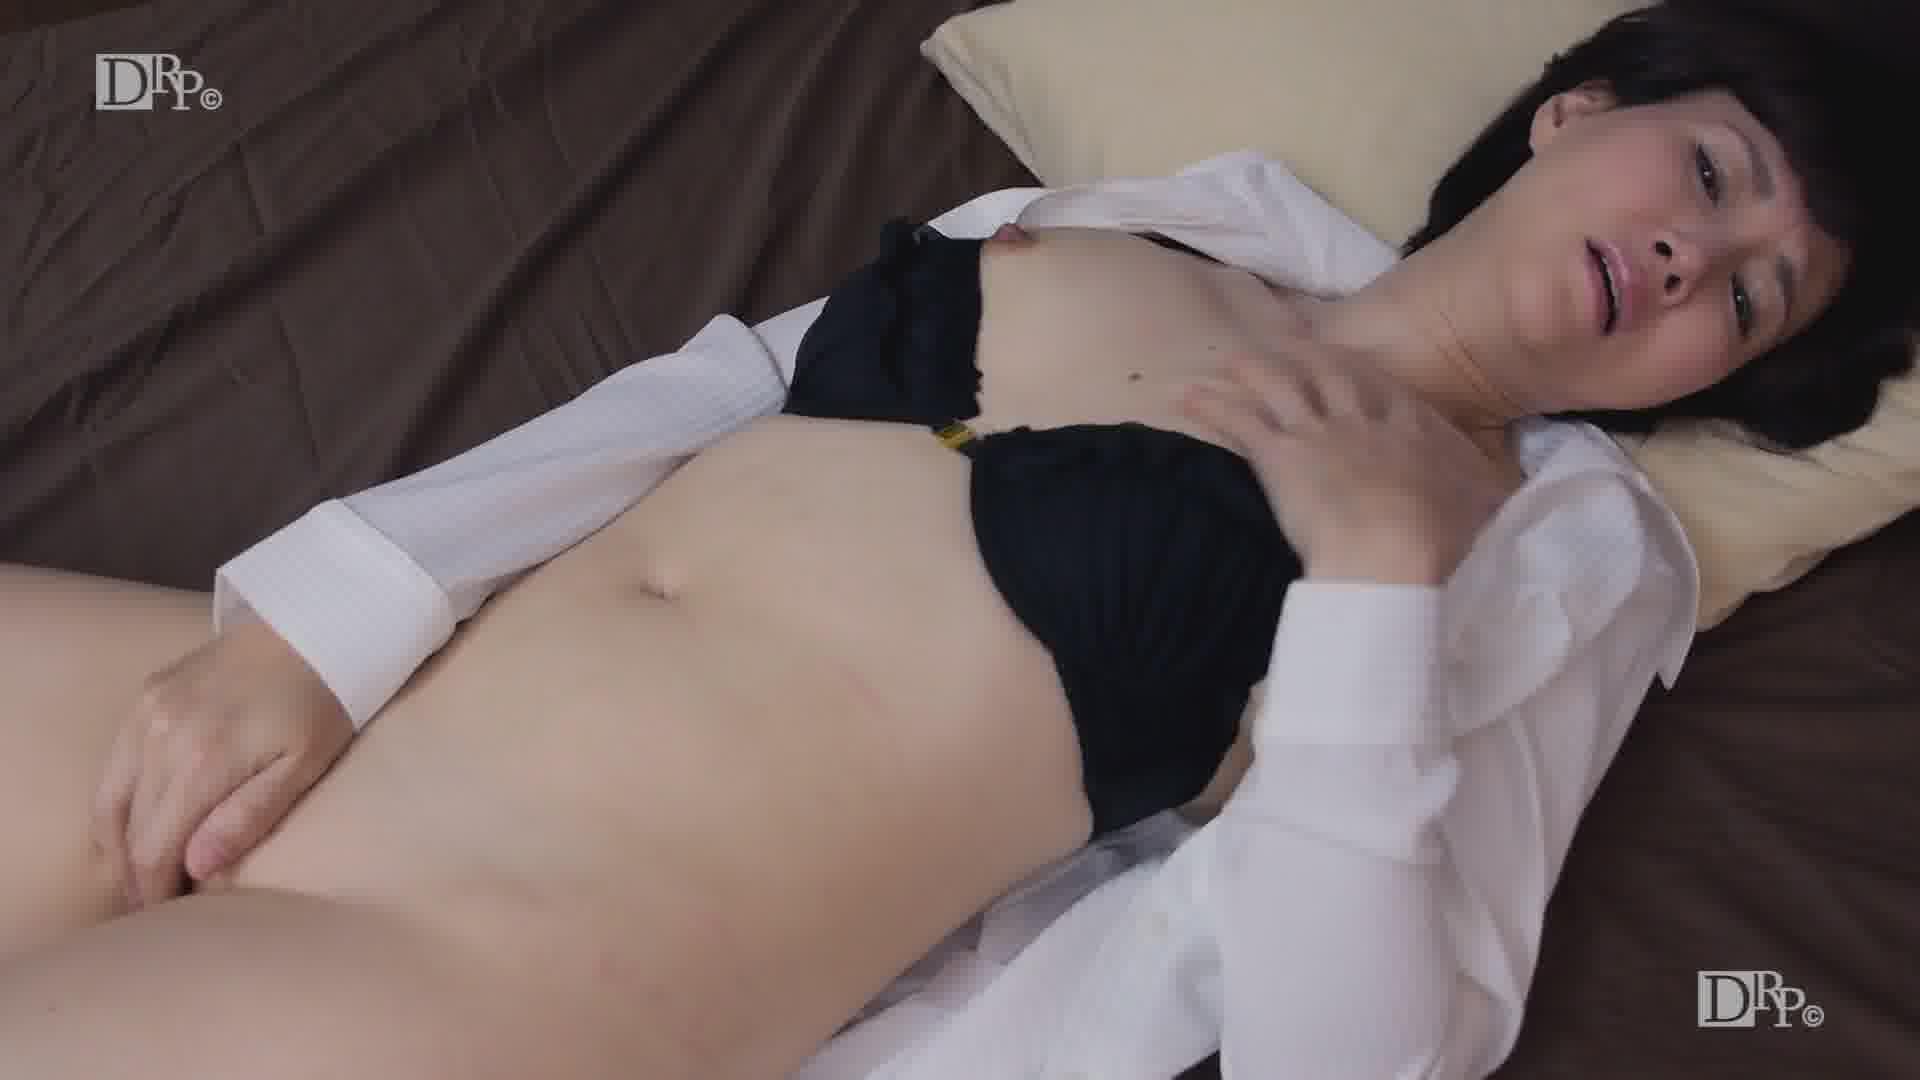 上品な美熟女のアソコがグジュグジュ - 赤坂ルナ【ハメ撮り・パイパン・中出し】